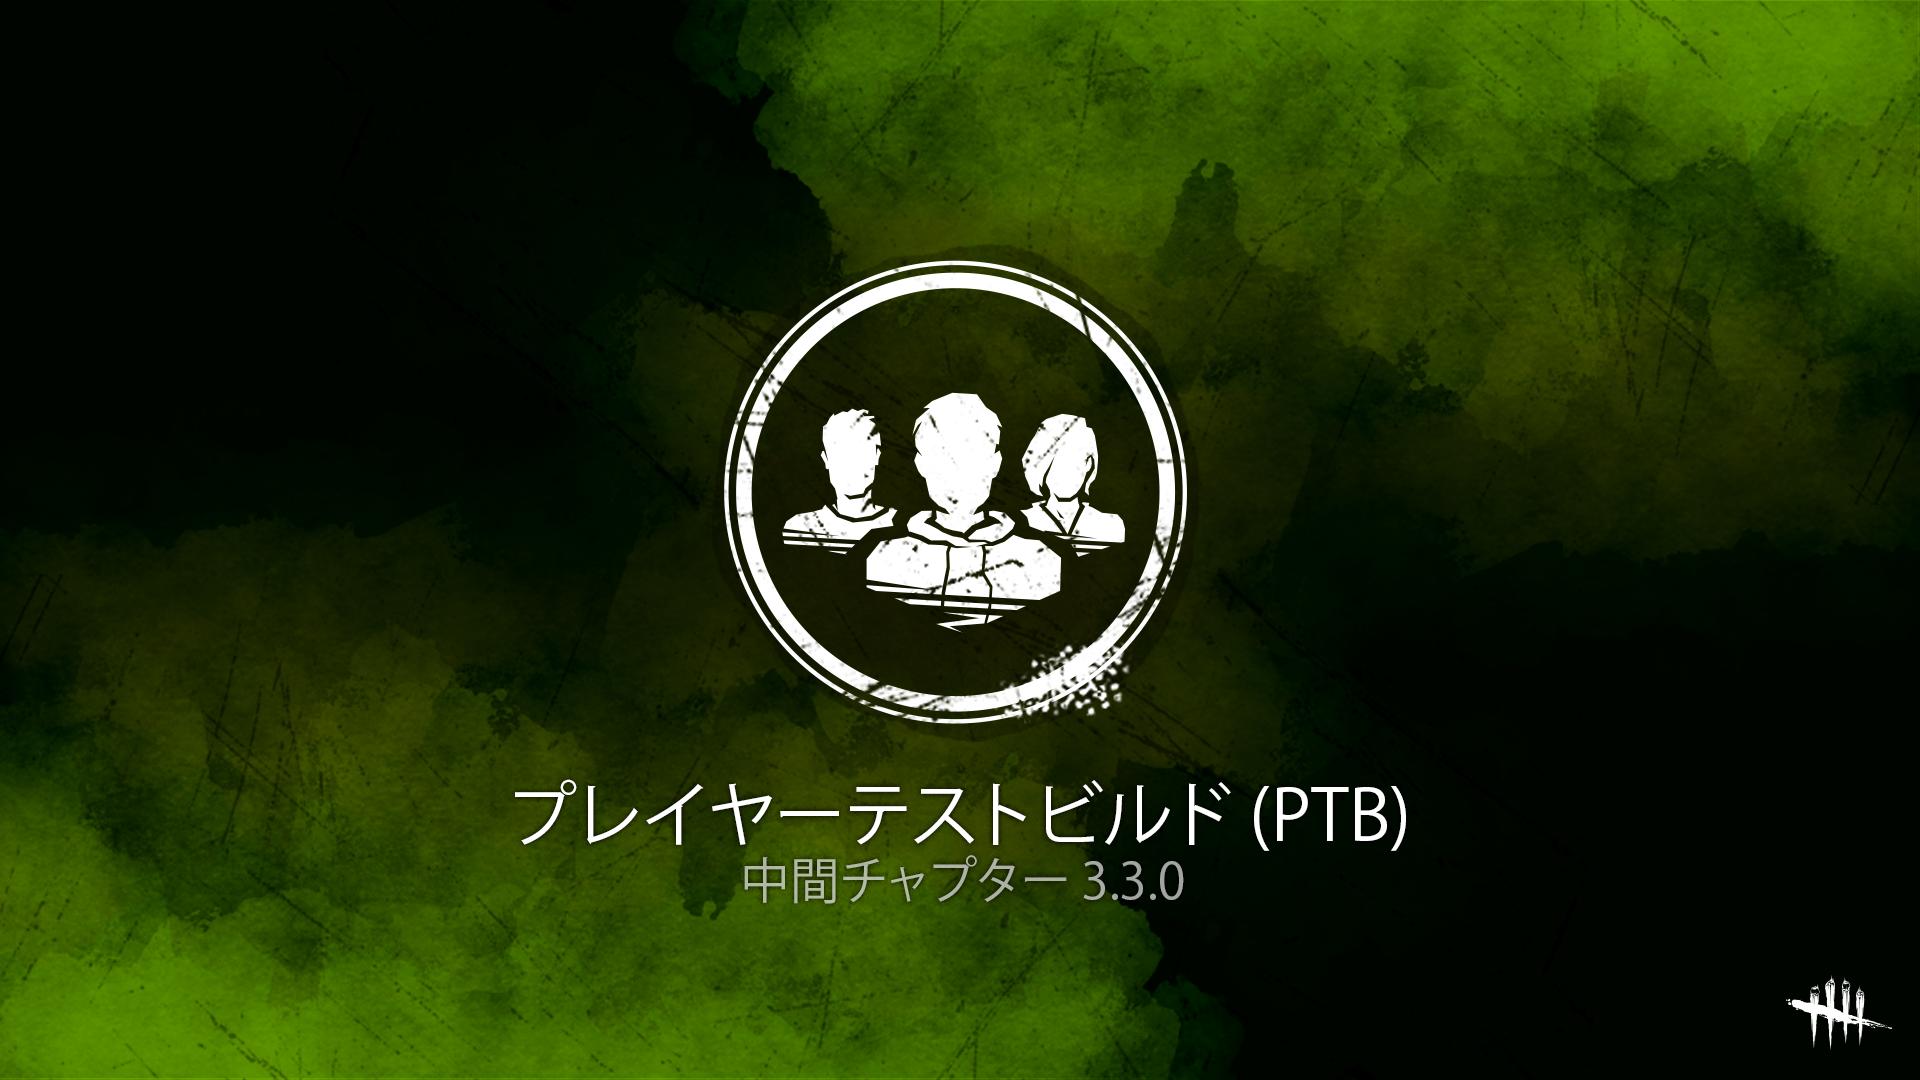 ptb3.3.0.png